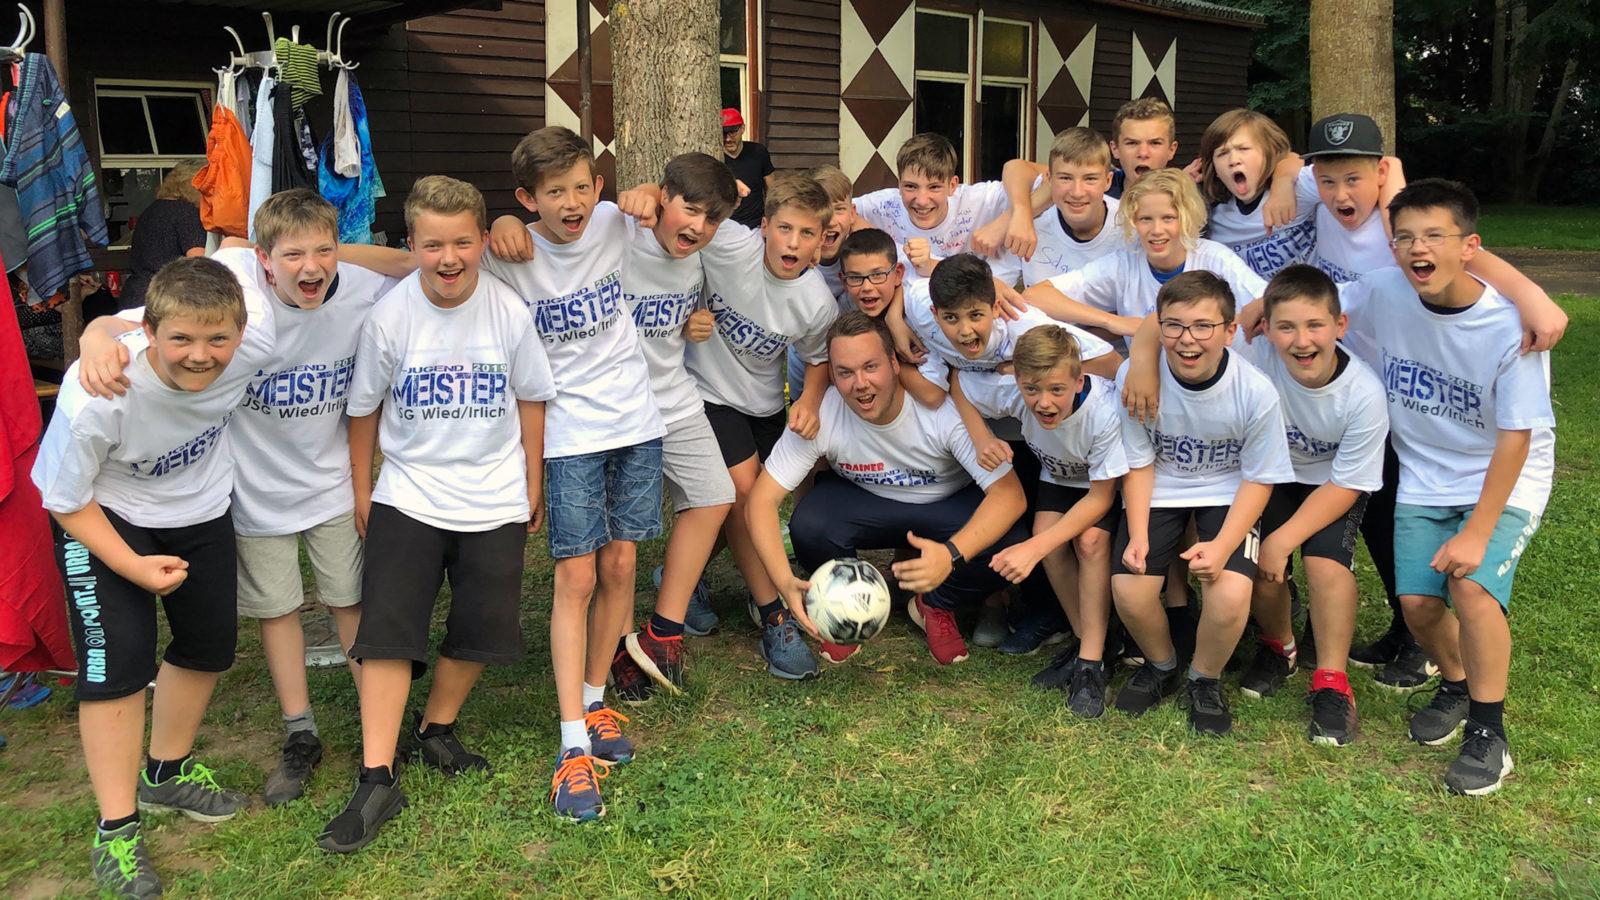 Die Meistermannschaft der JSG Wied/Irlich feierte ihren Triumpf ausgiebig und gelassen.